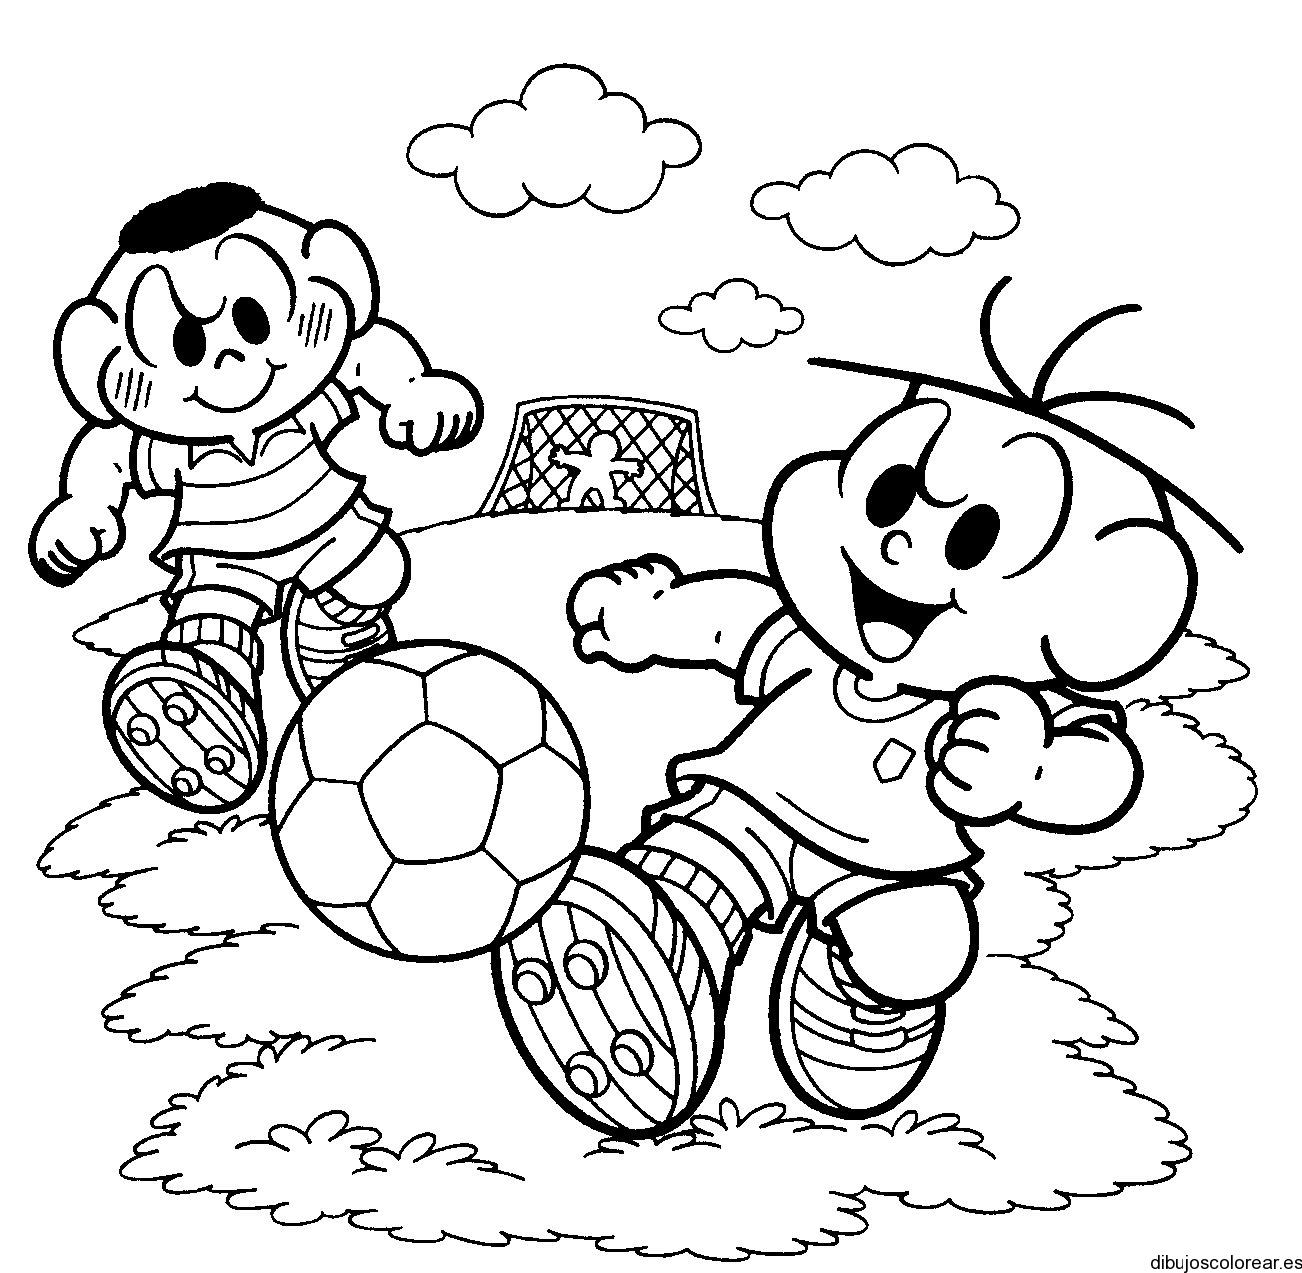 Dibujo de niños en el parque jugando a la pelota